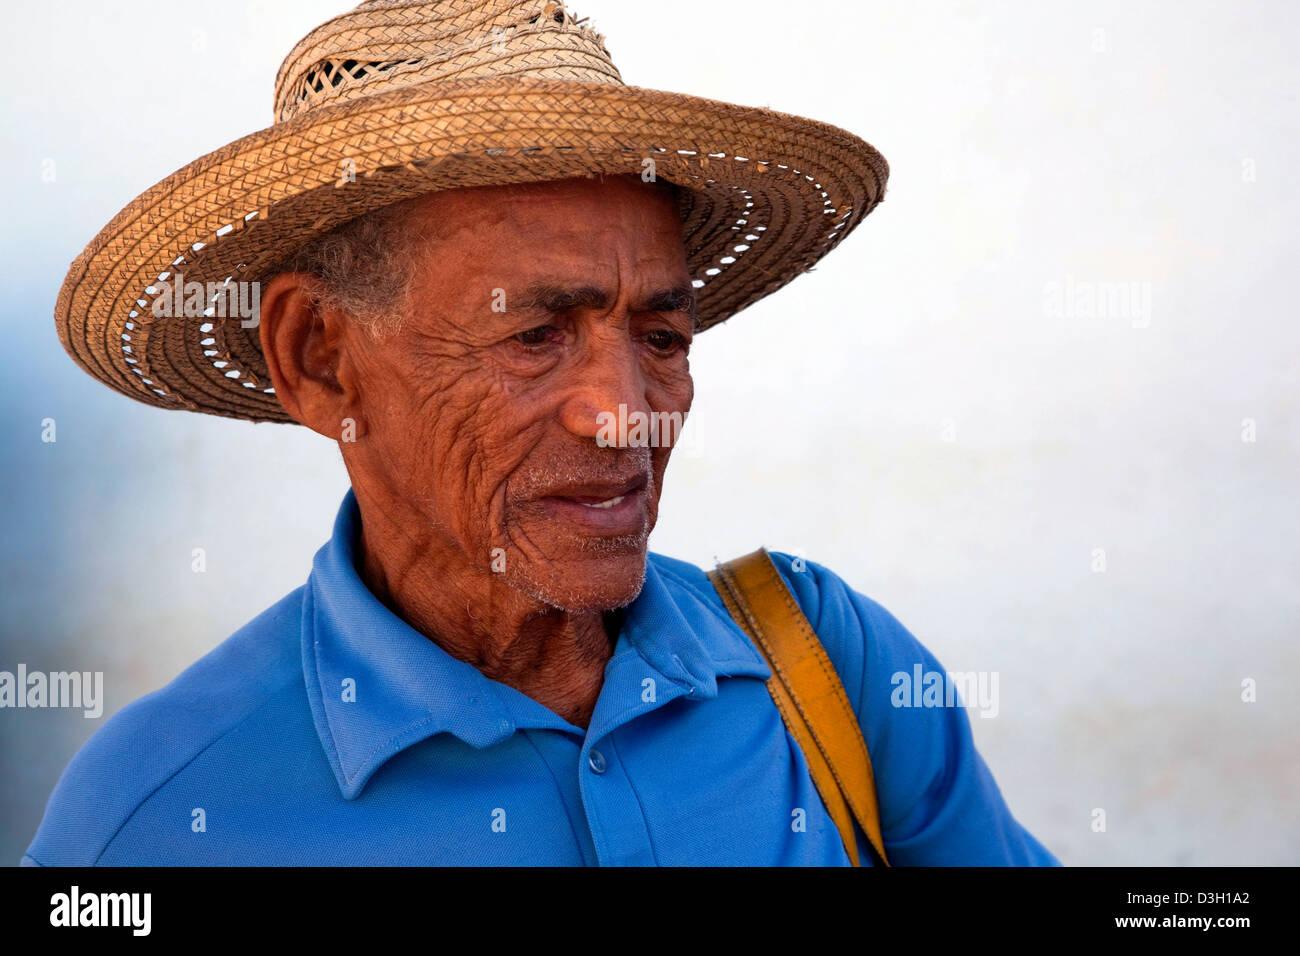 Caribbean Men: Portrait Of Old Cuban Man Wearing Straw Hat, Cuba